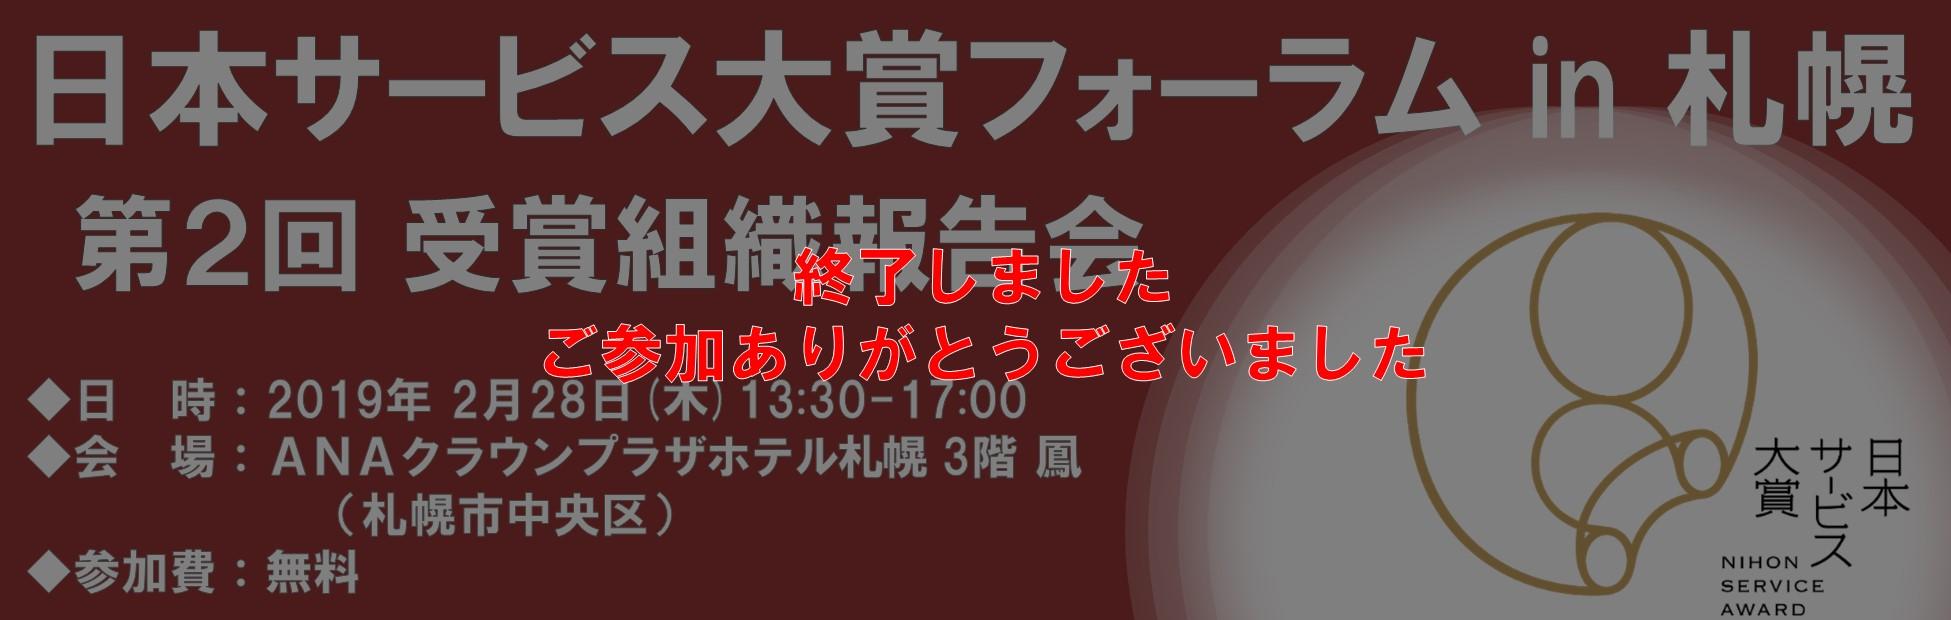 日本サービス大賞フォーラム in 札幌 は終了しました